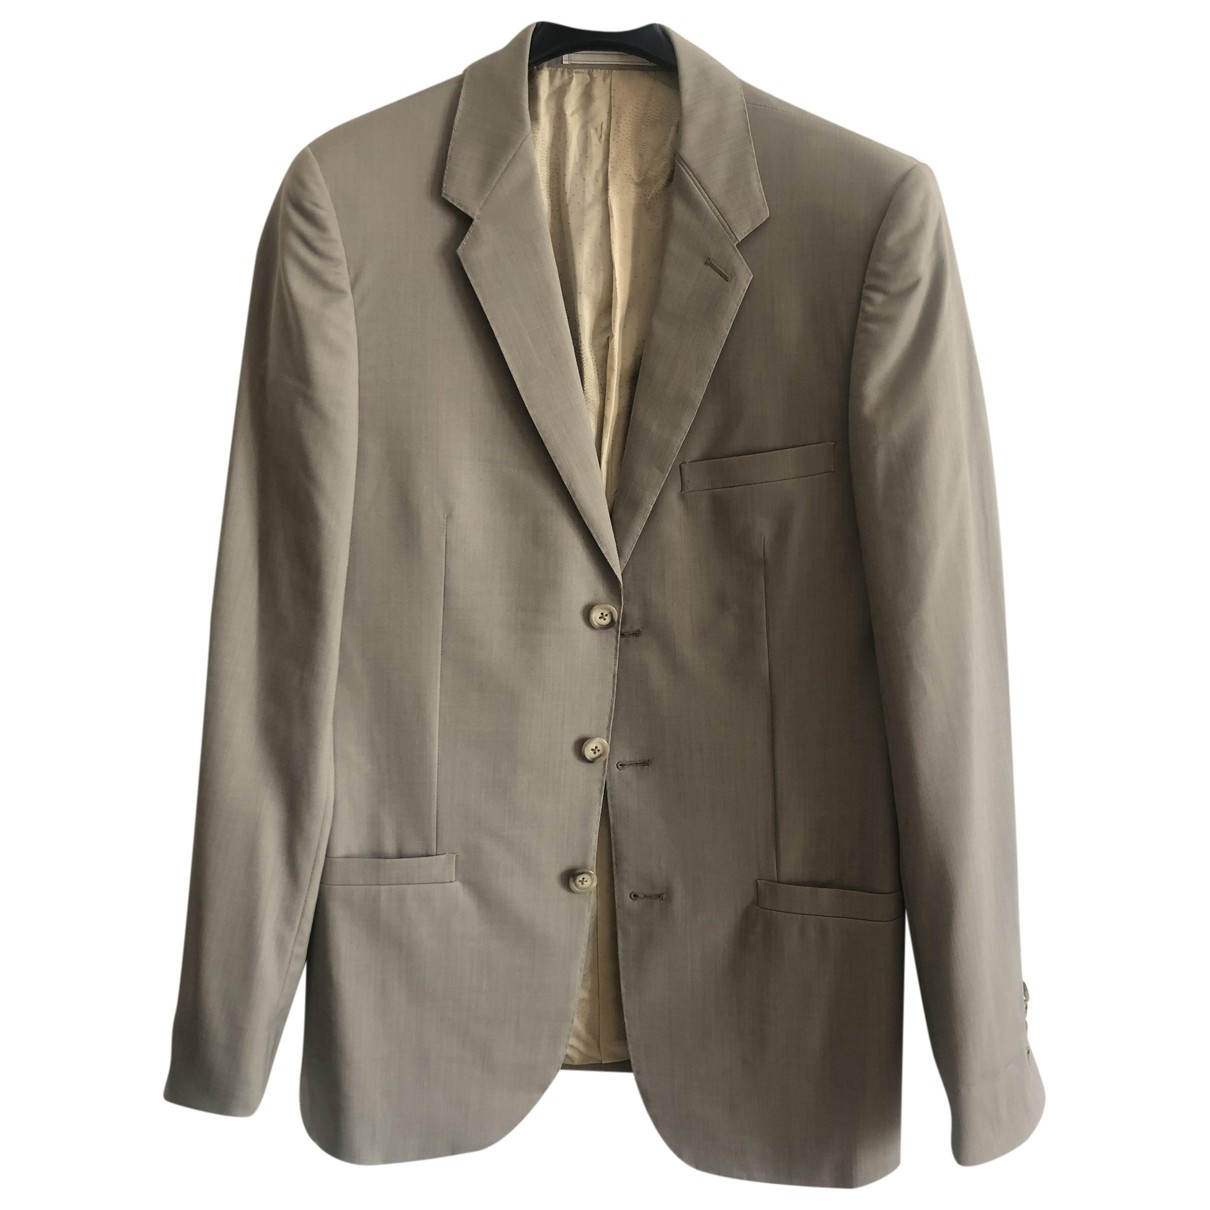 Gianni Versace - Vestes.Blousons   pour homme en laine - gris